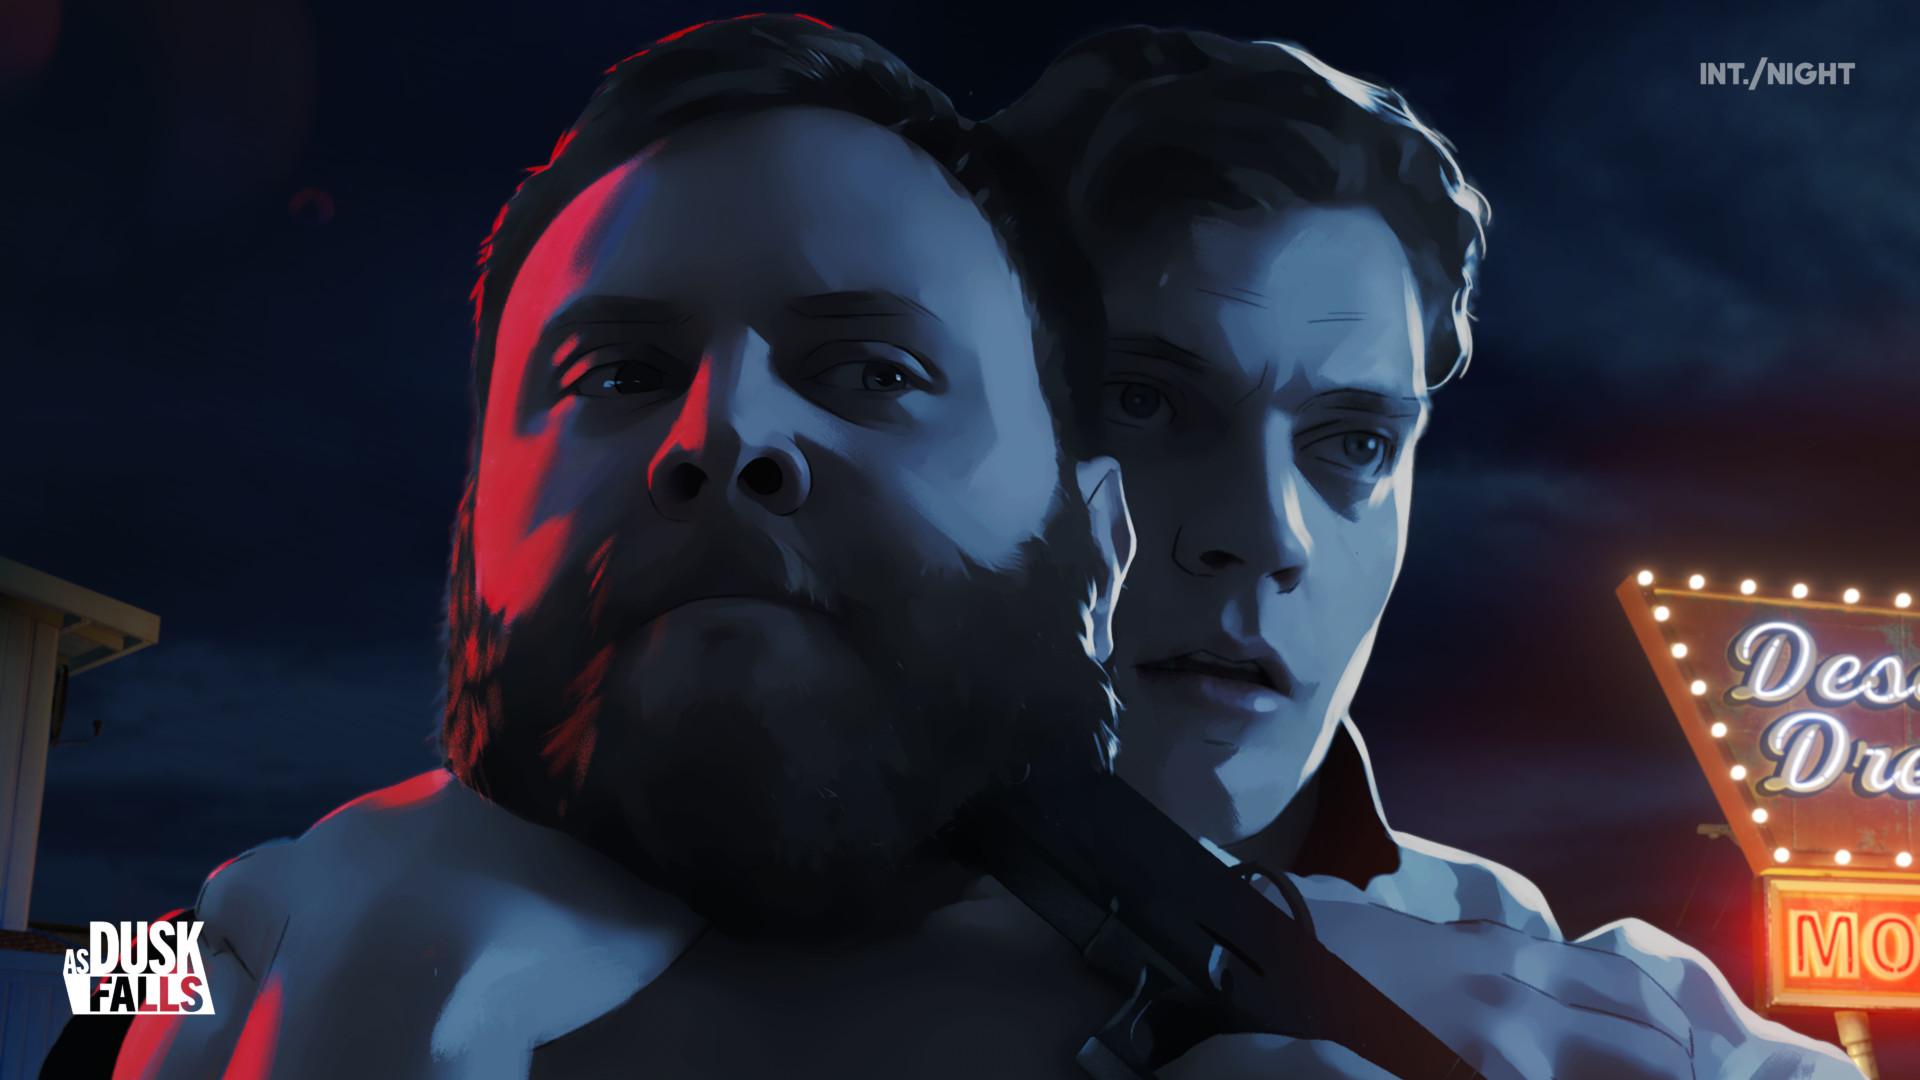 Interiornight Games Debuts As Dusk Falls At Xbox Games Showcase (1)